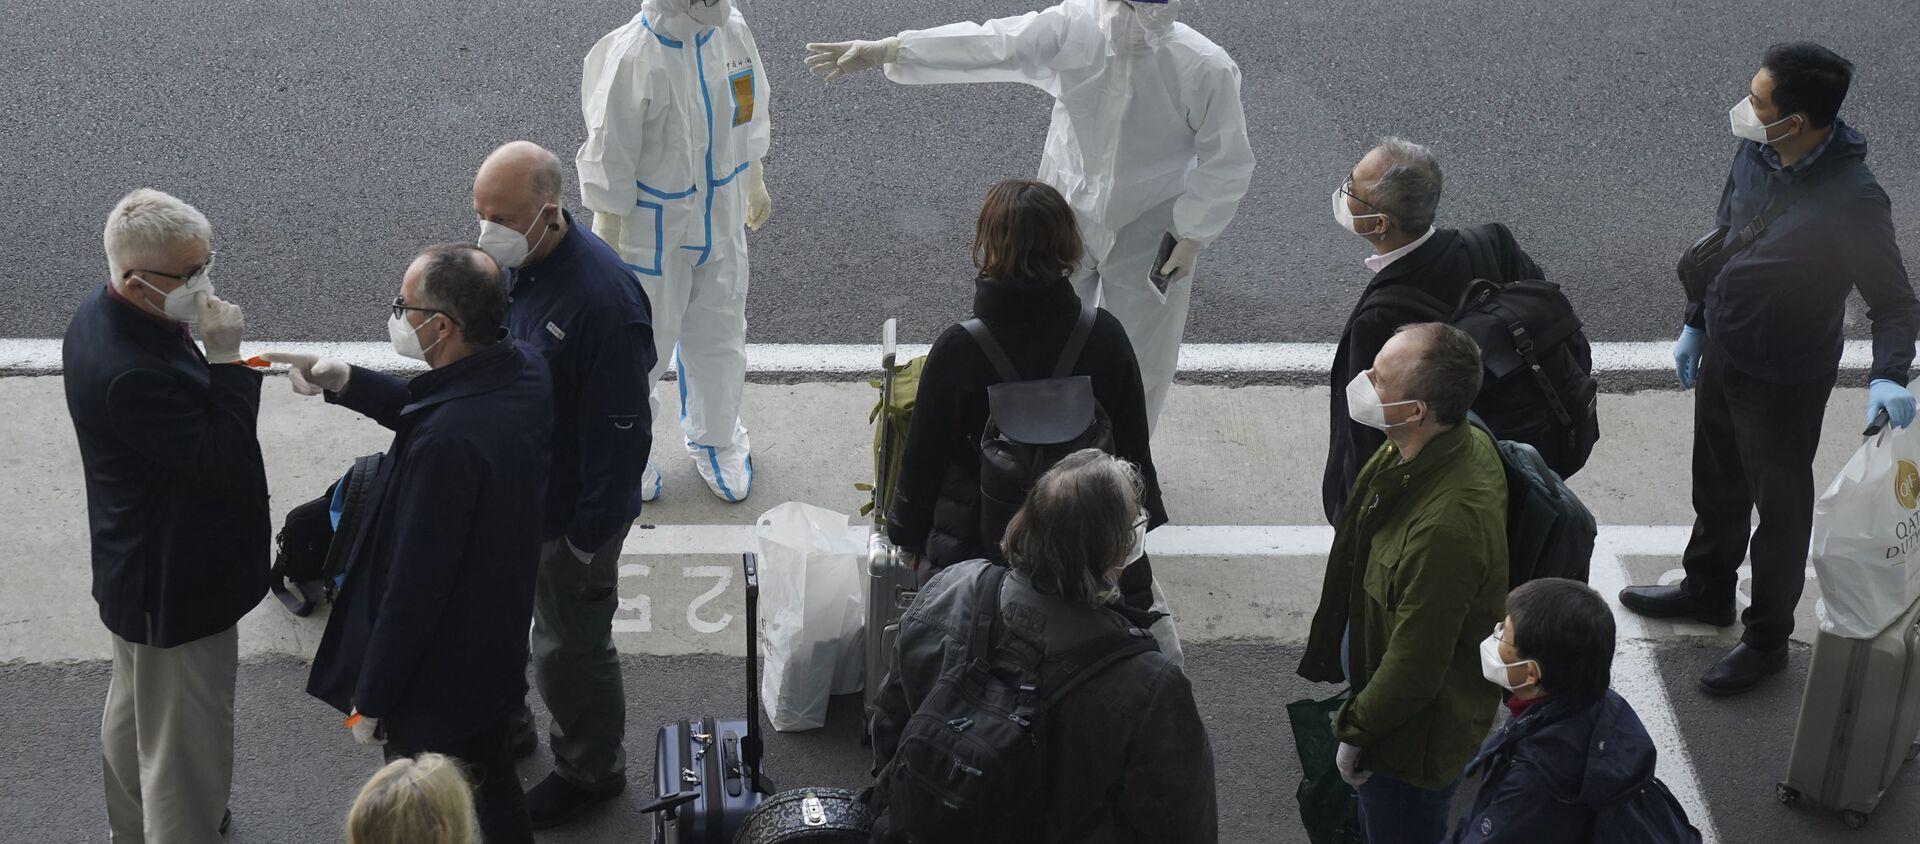 WHO武漢調査チーム COVID-19感染源の4つの説を挙げる - Sputnik 日本, 1920, 16.02.2021